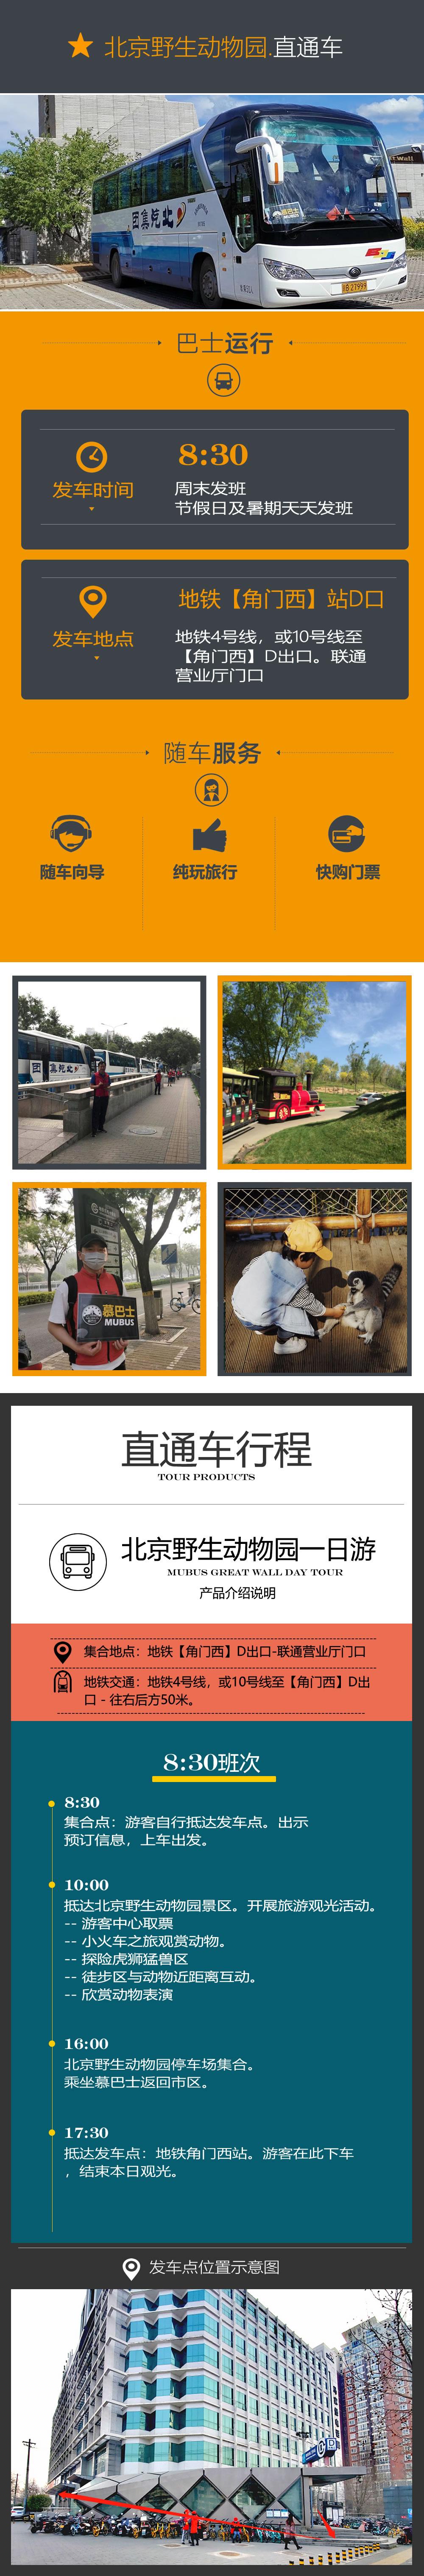 北京野生动物园2